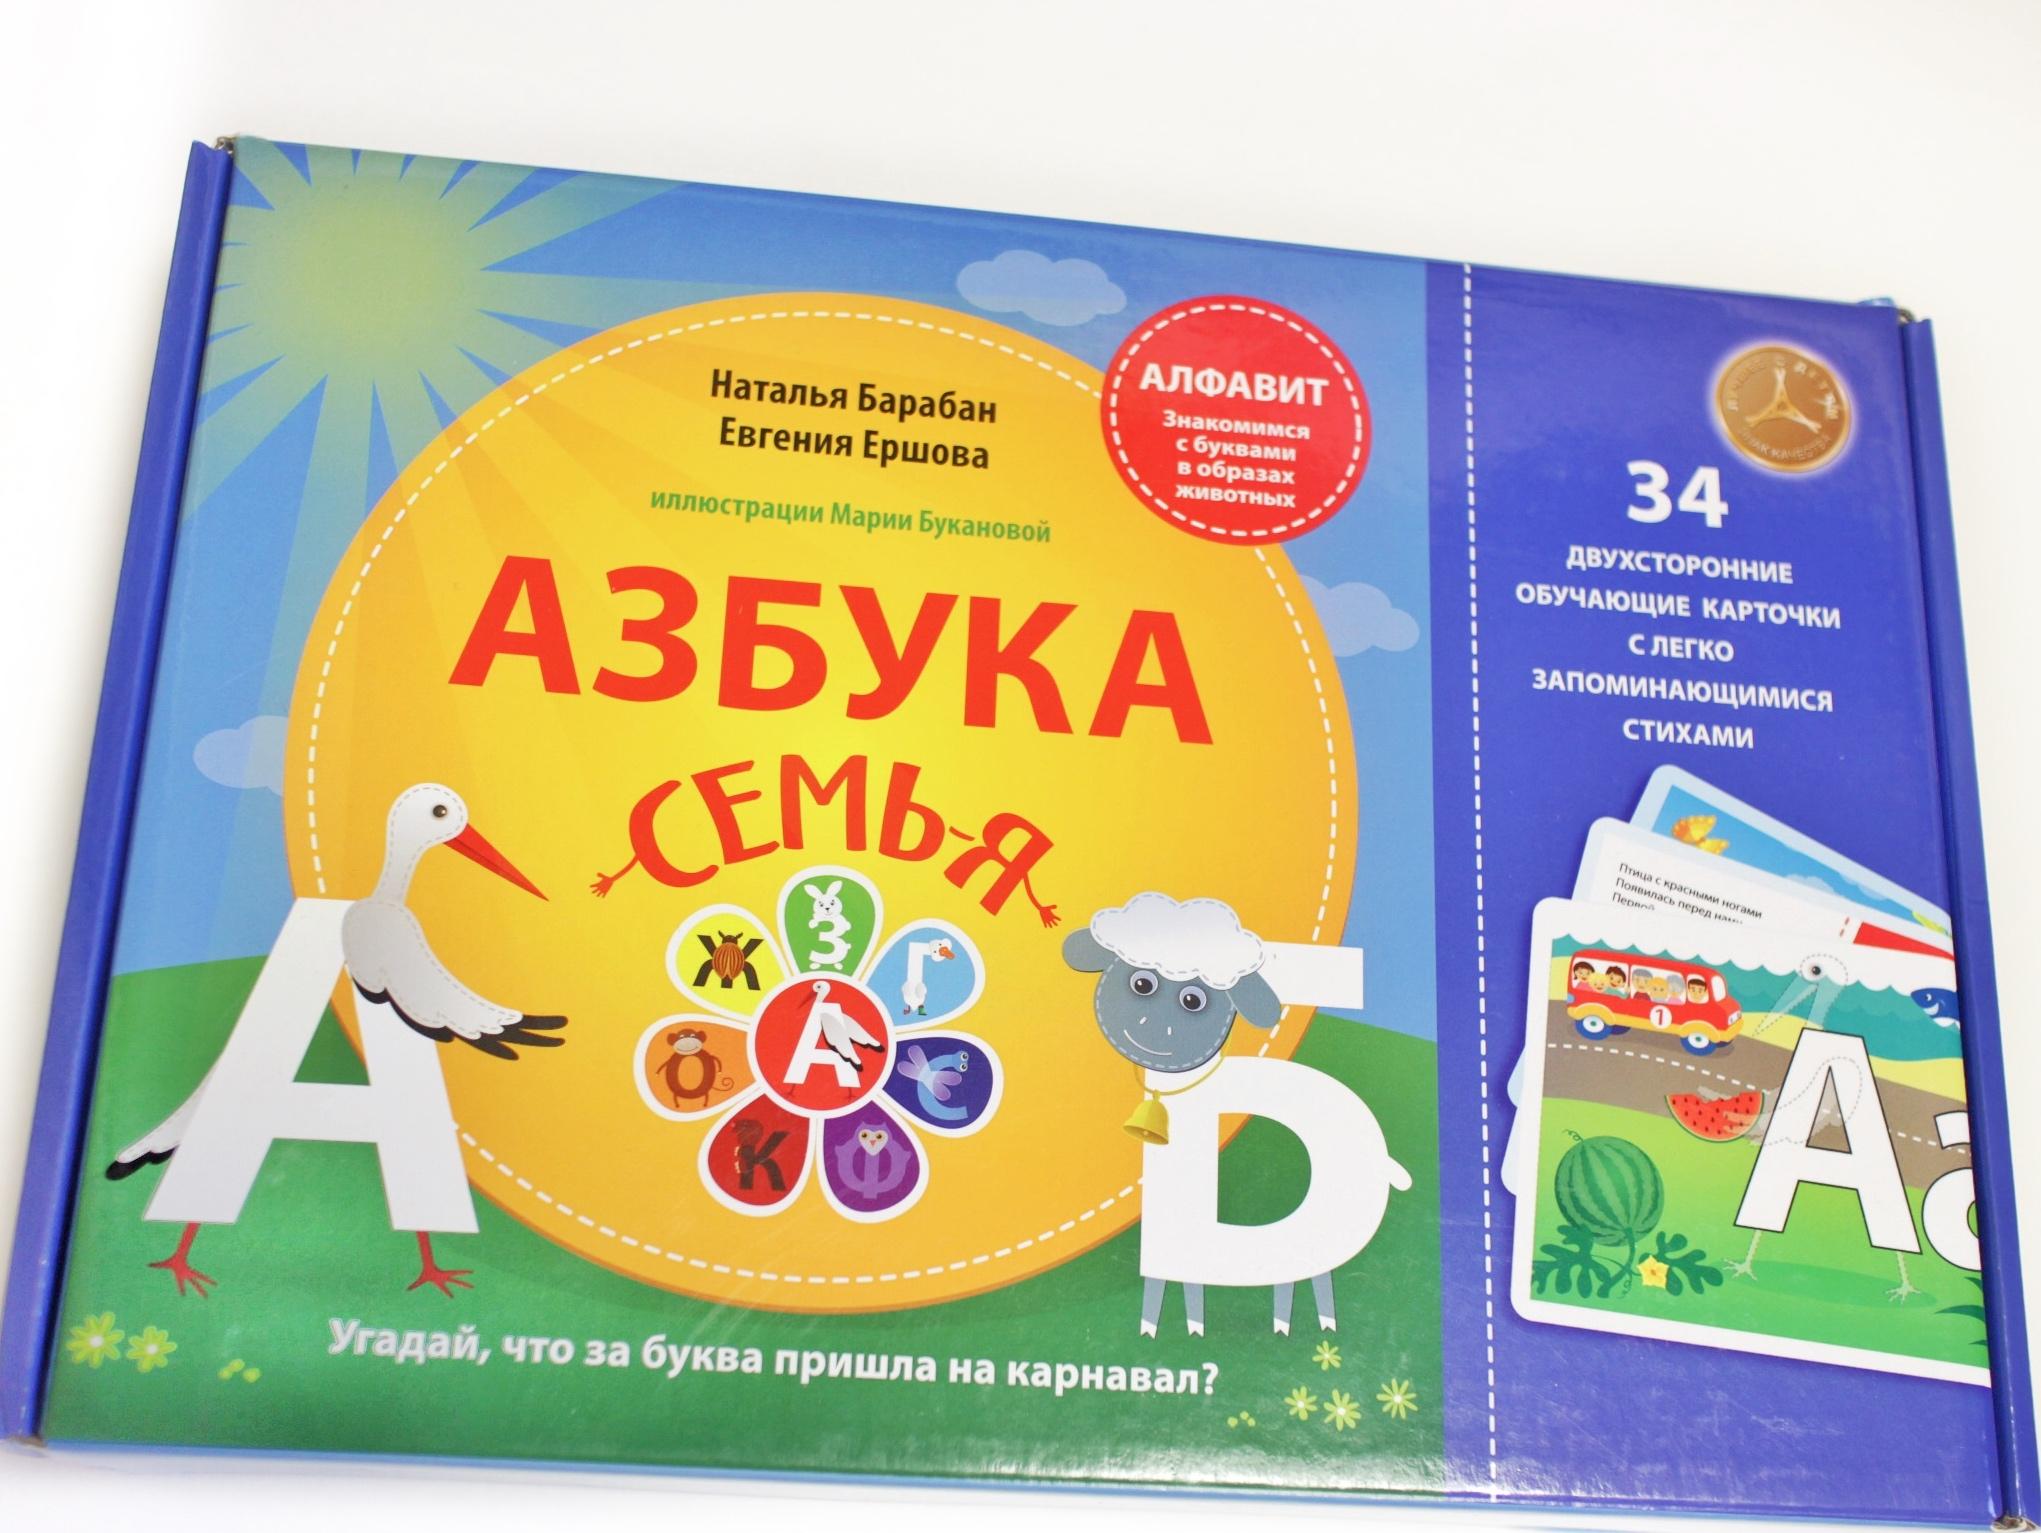 Азбука Семь-я фетр игрушки из фетра на каждую букву азбука из фетра выкройки букв